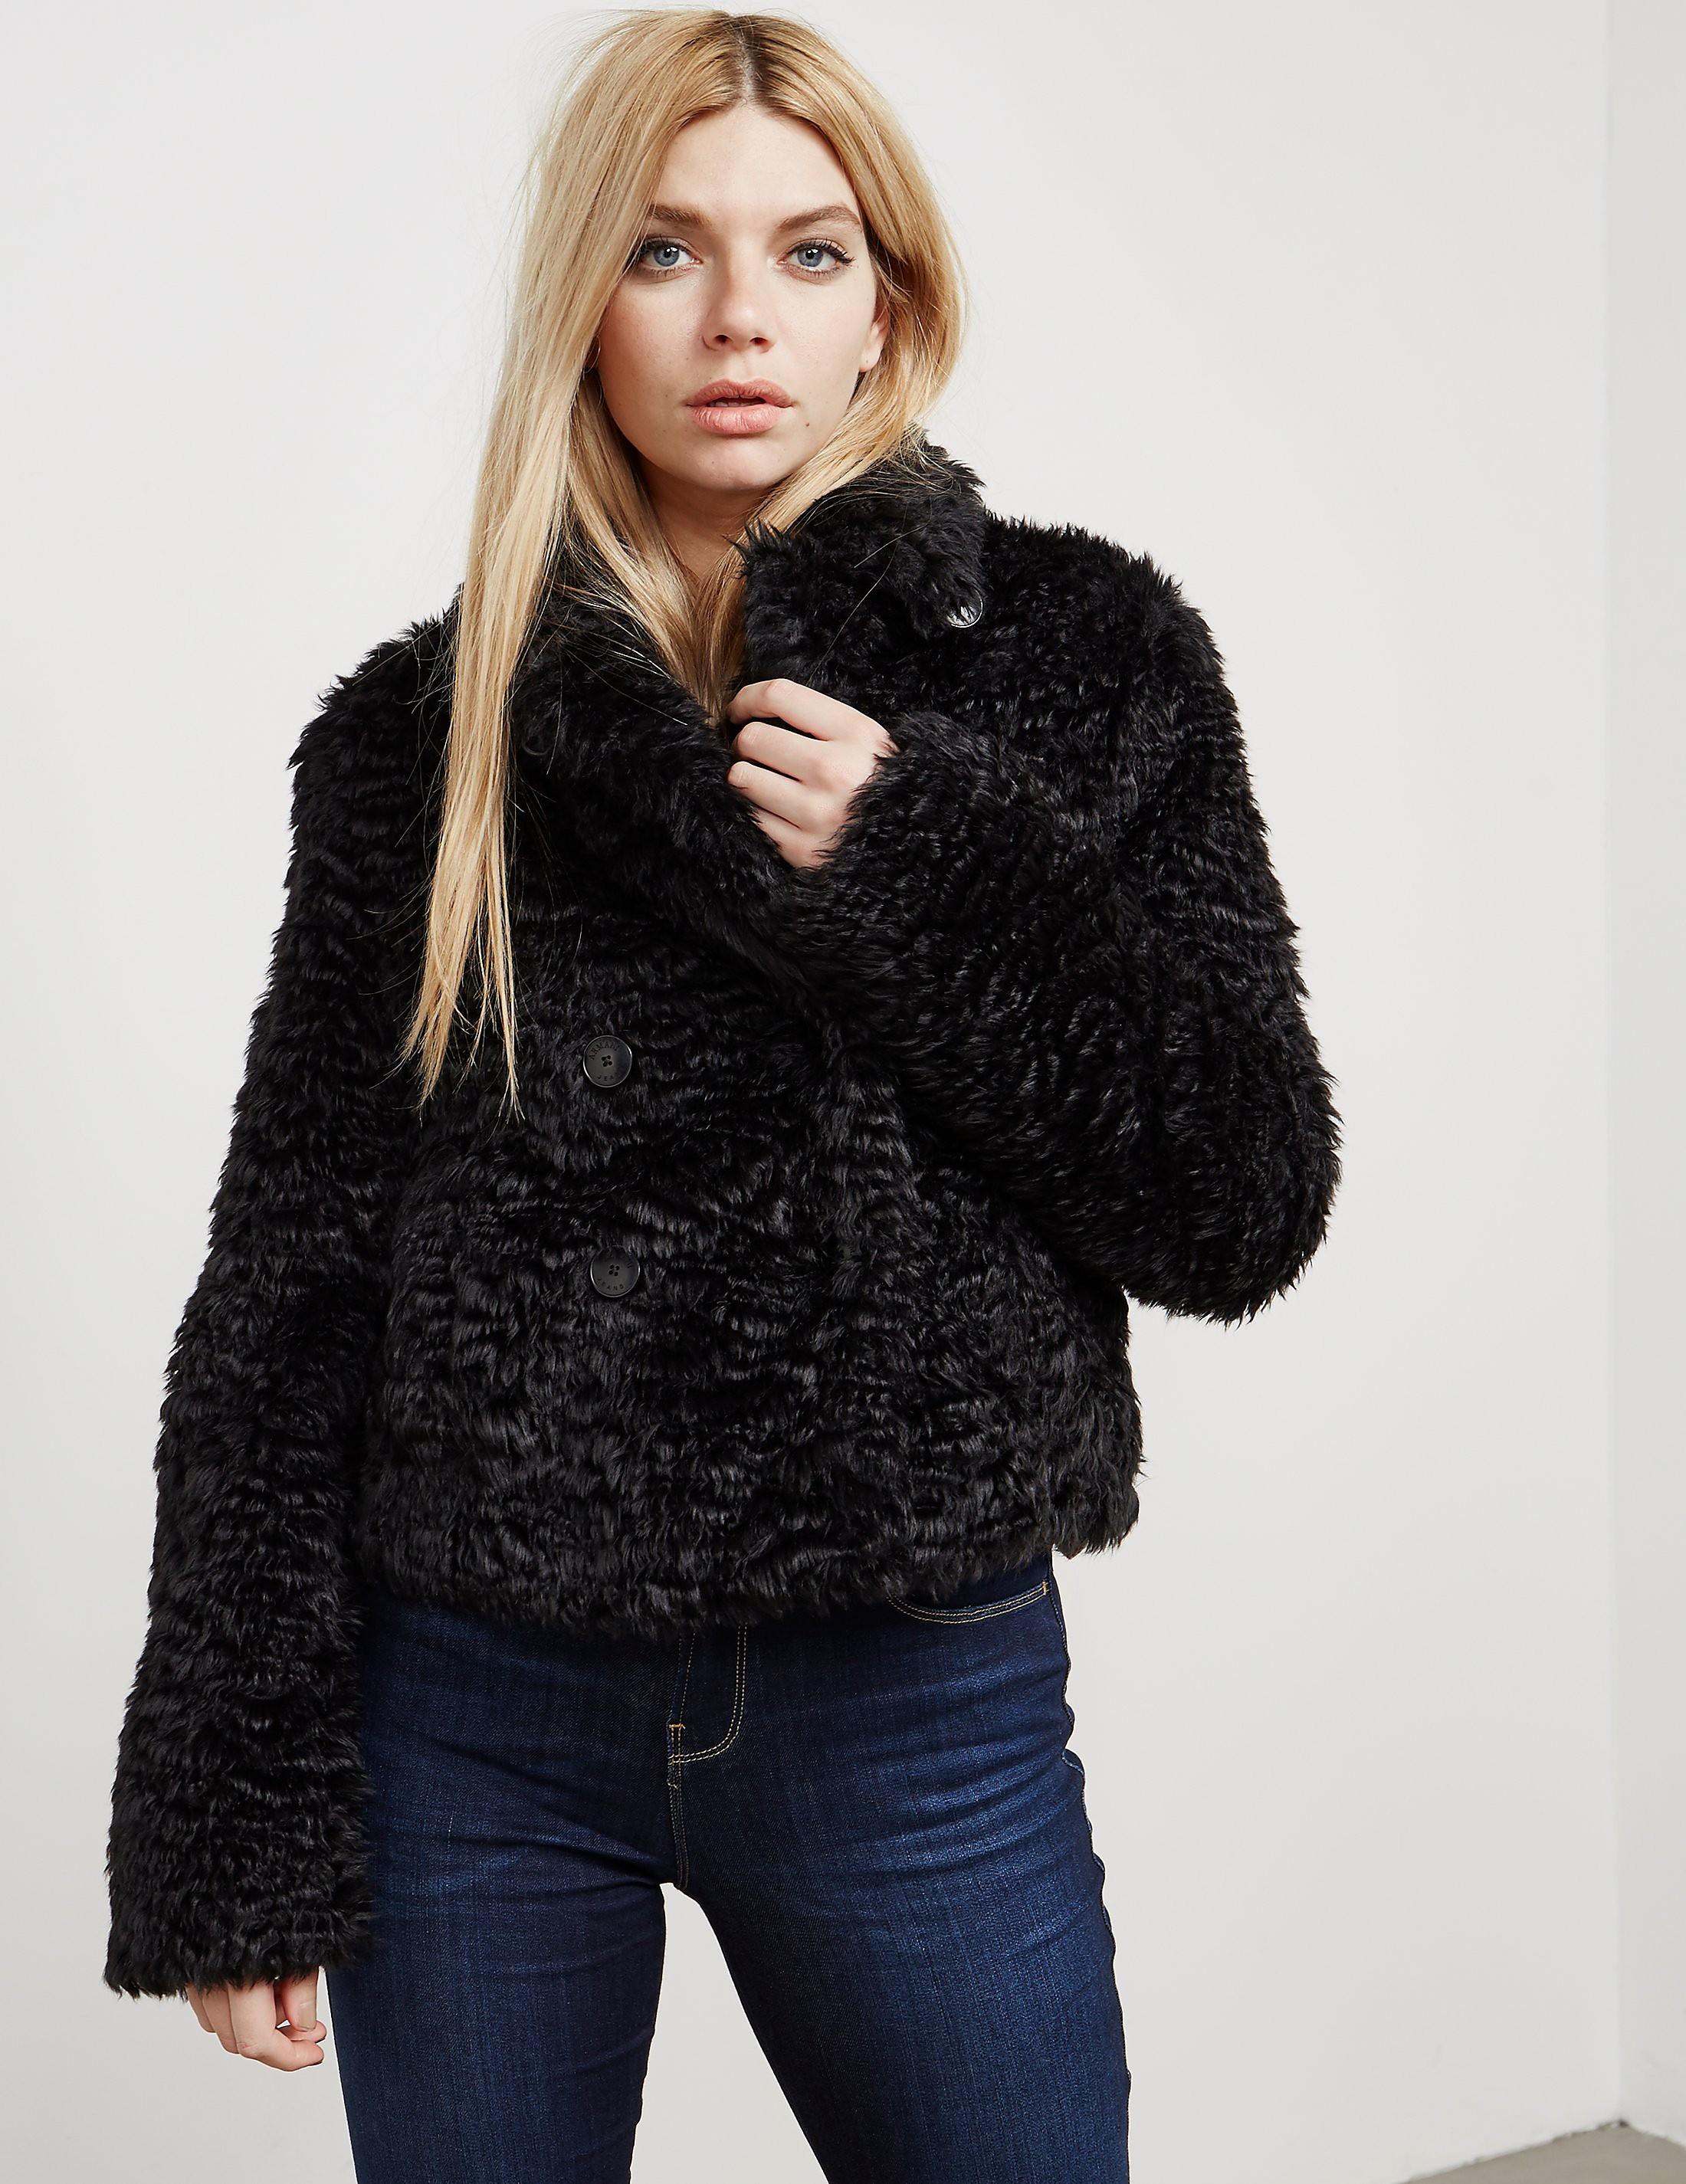 Armani Jeans Fax Fur Jacket